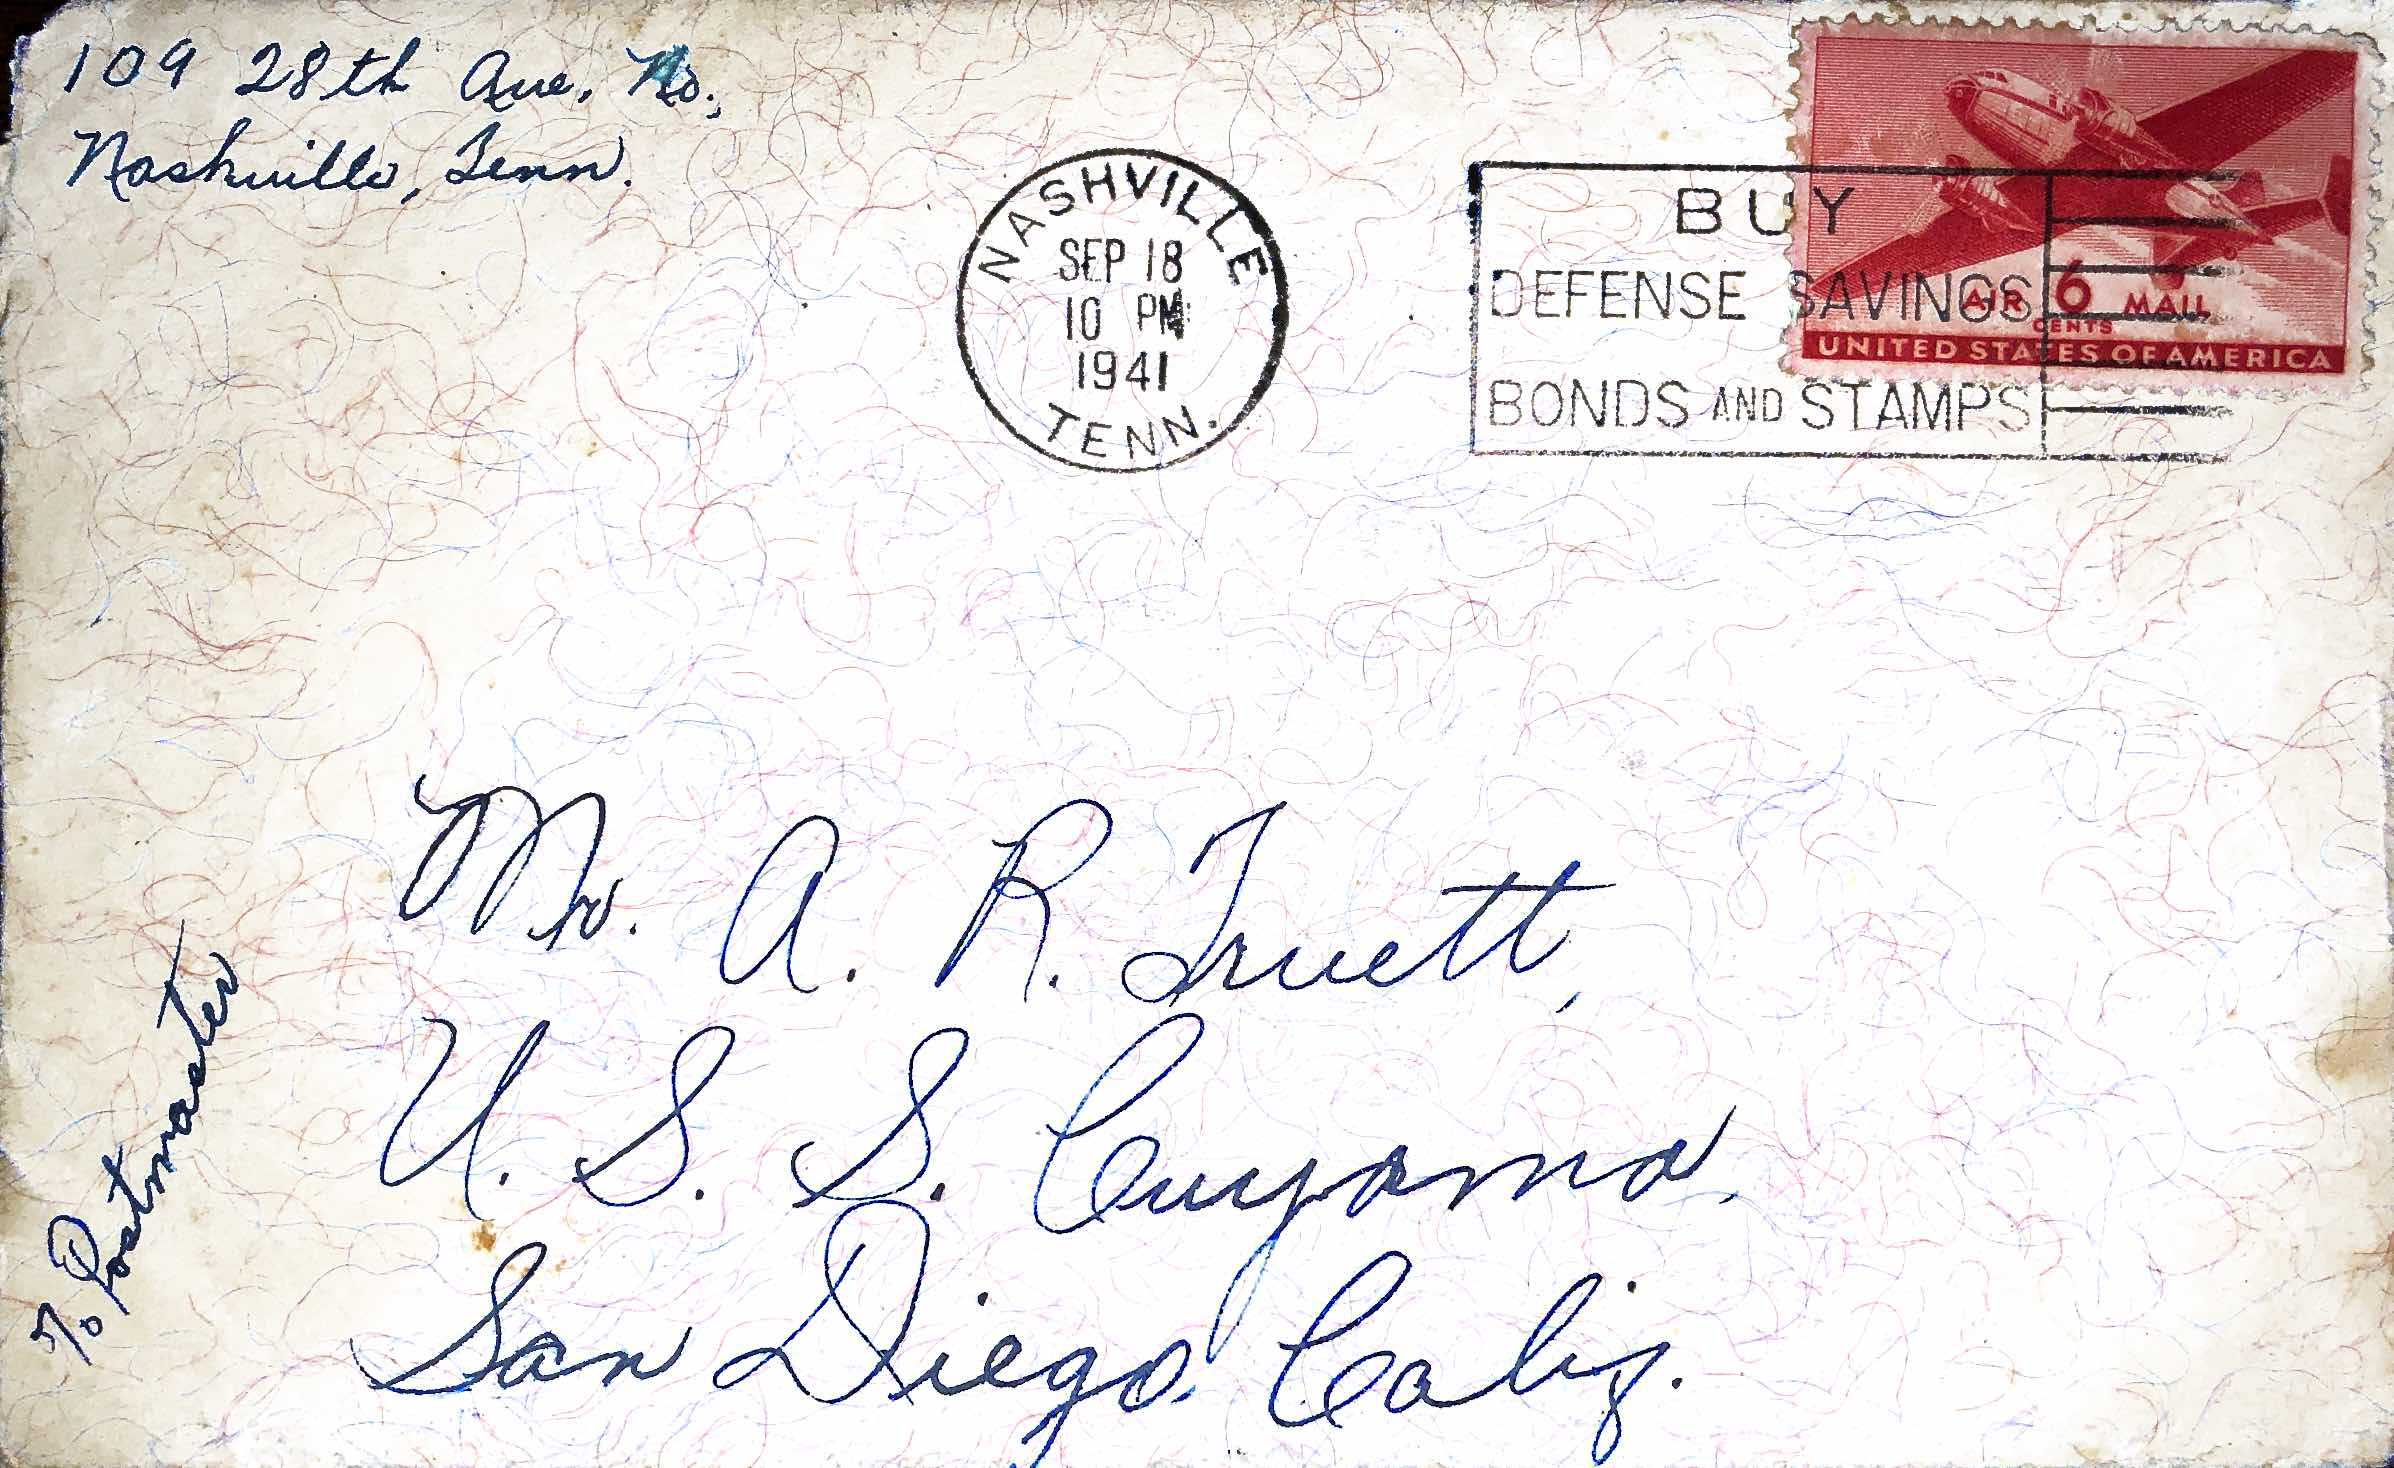 September 18, 1941 Dearest Abb